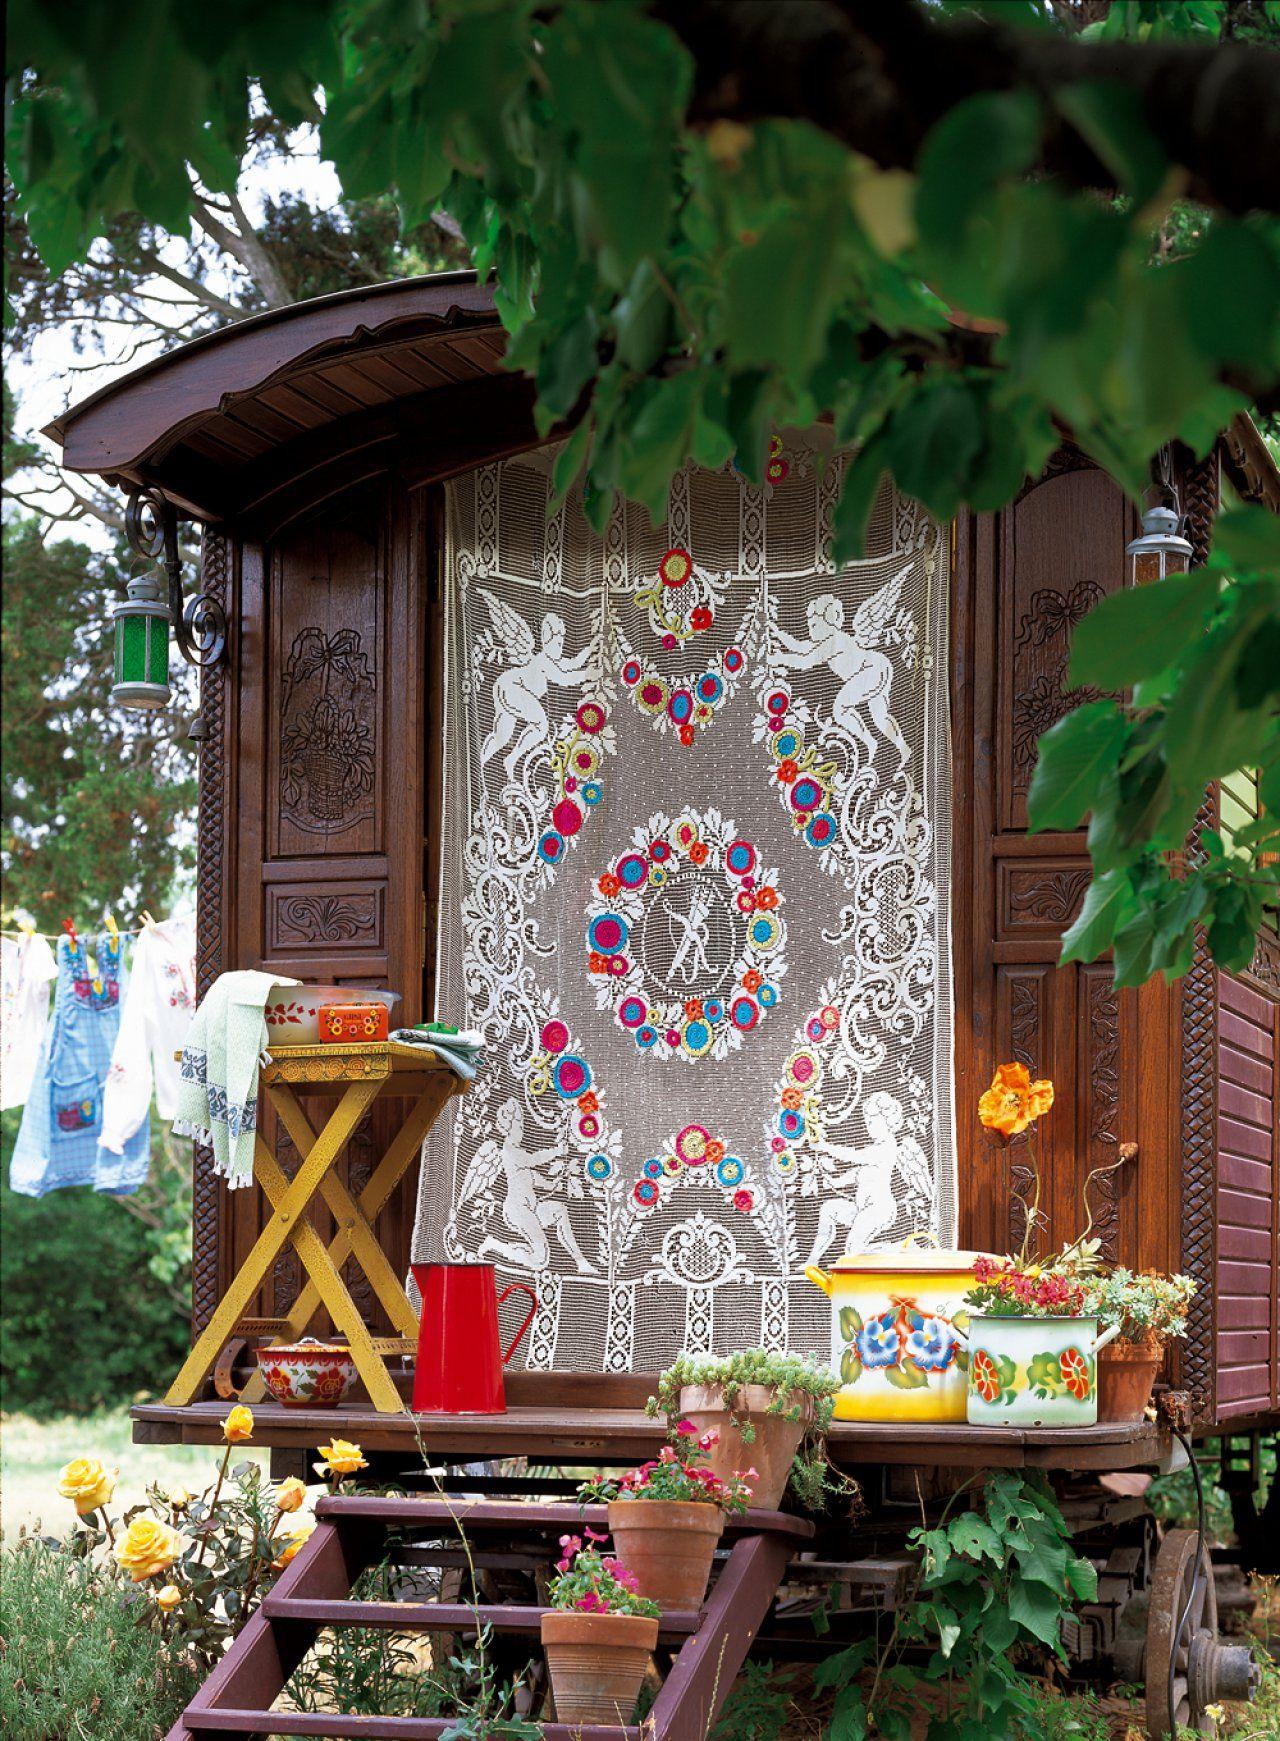 Des Fleurs Crochetees Sur Un Rideau De Dentelle